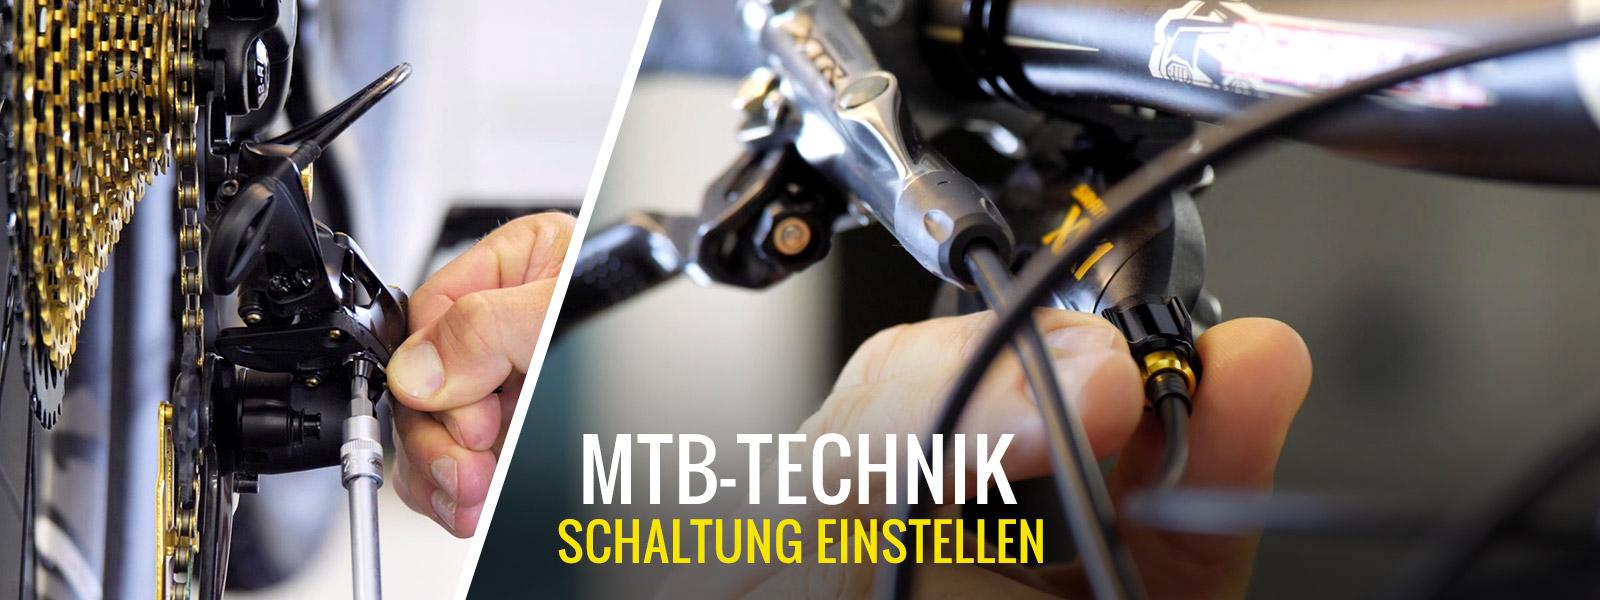 MTB Schaltung einstellen